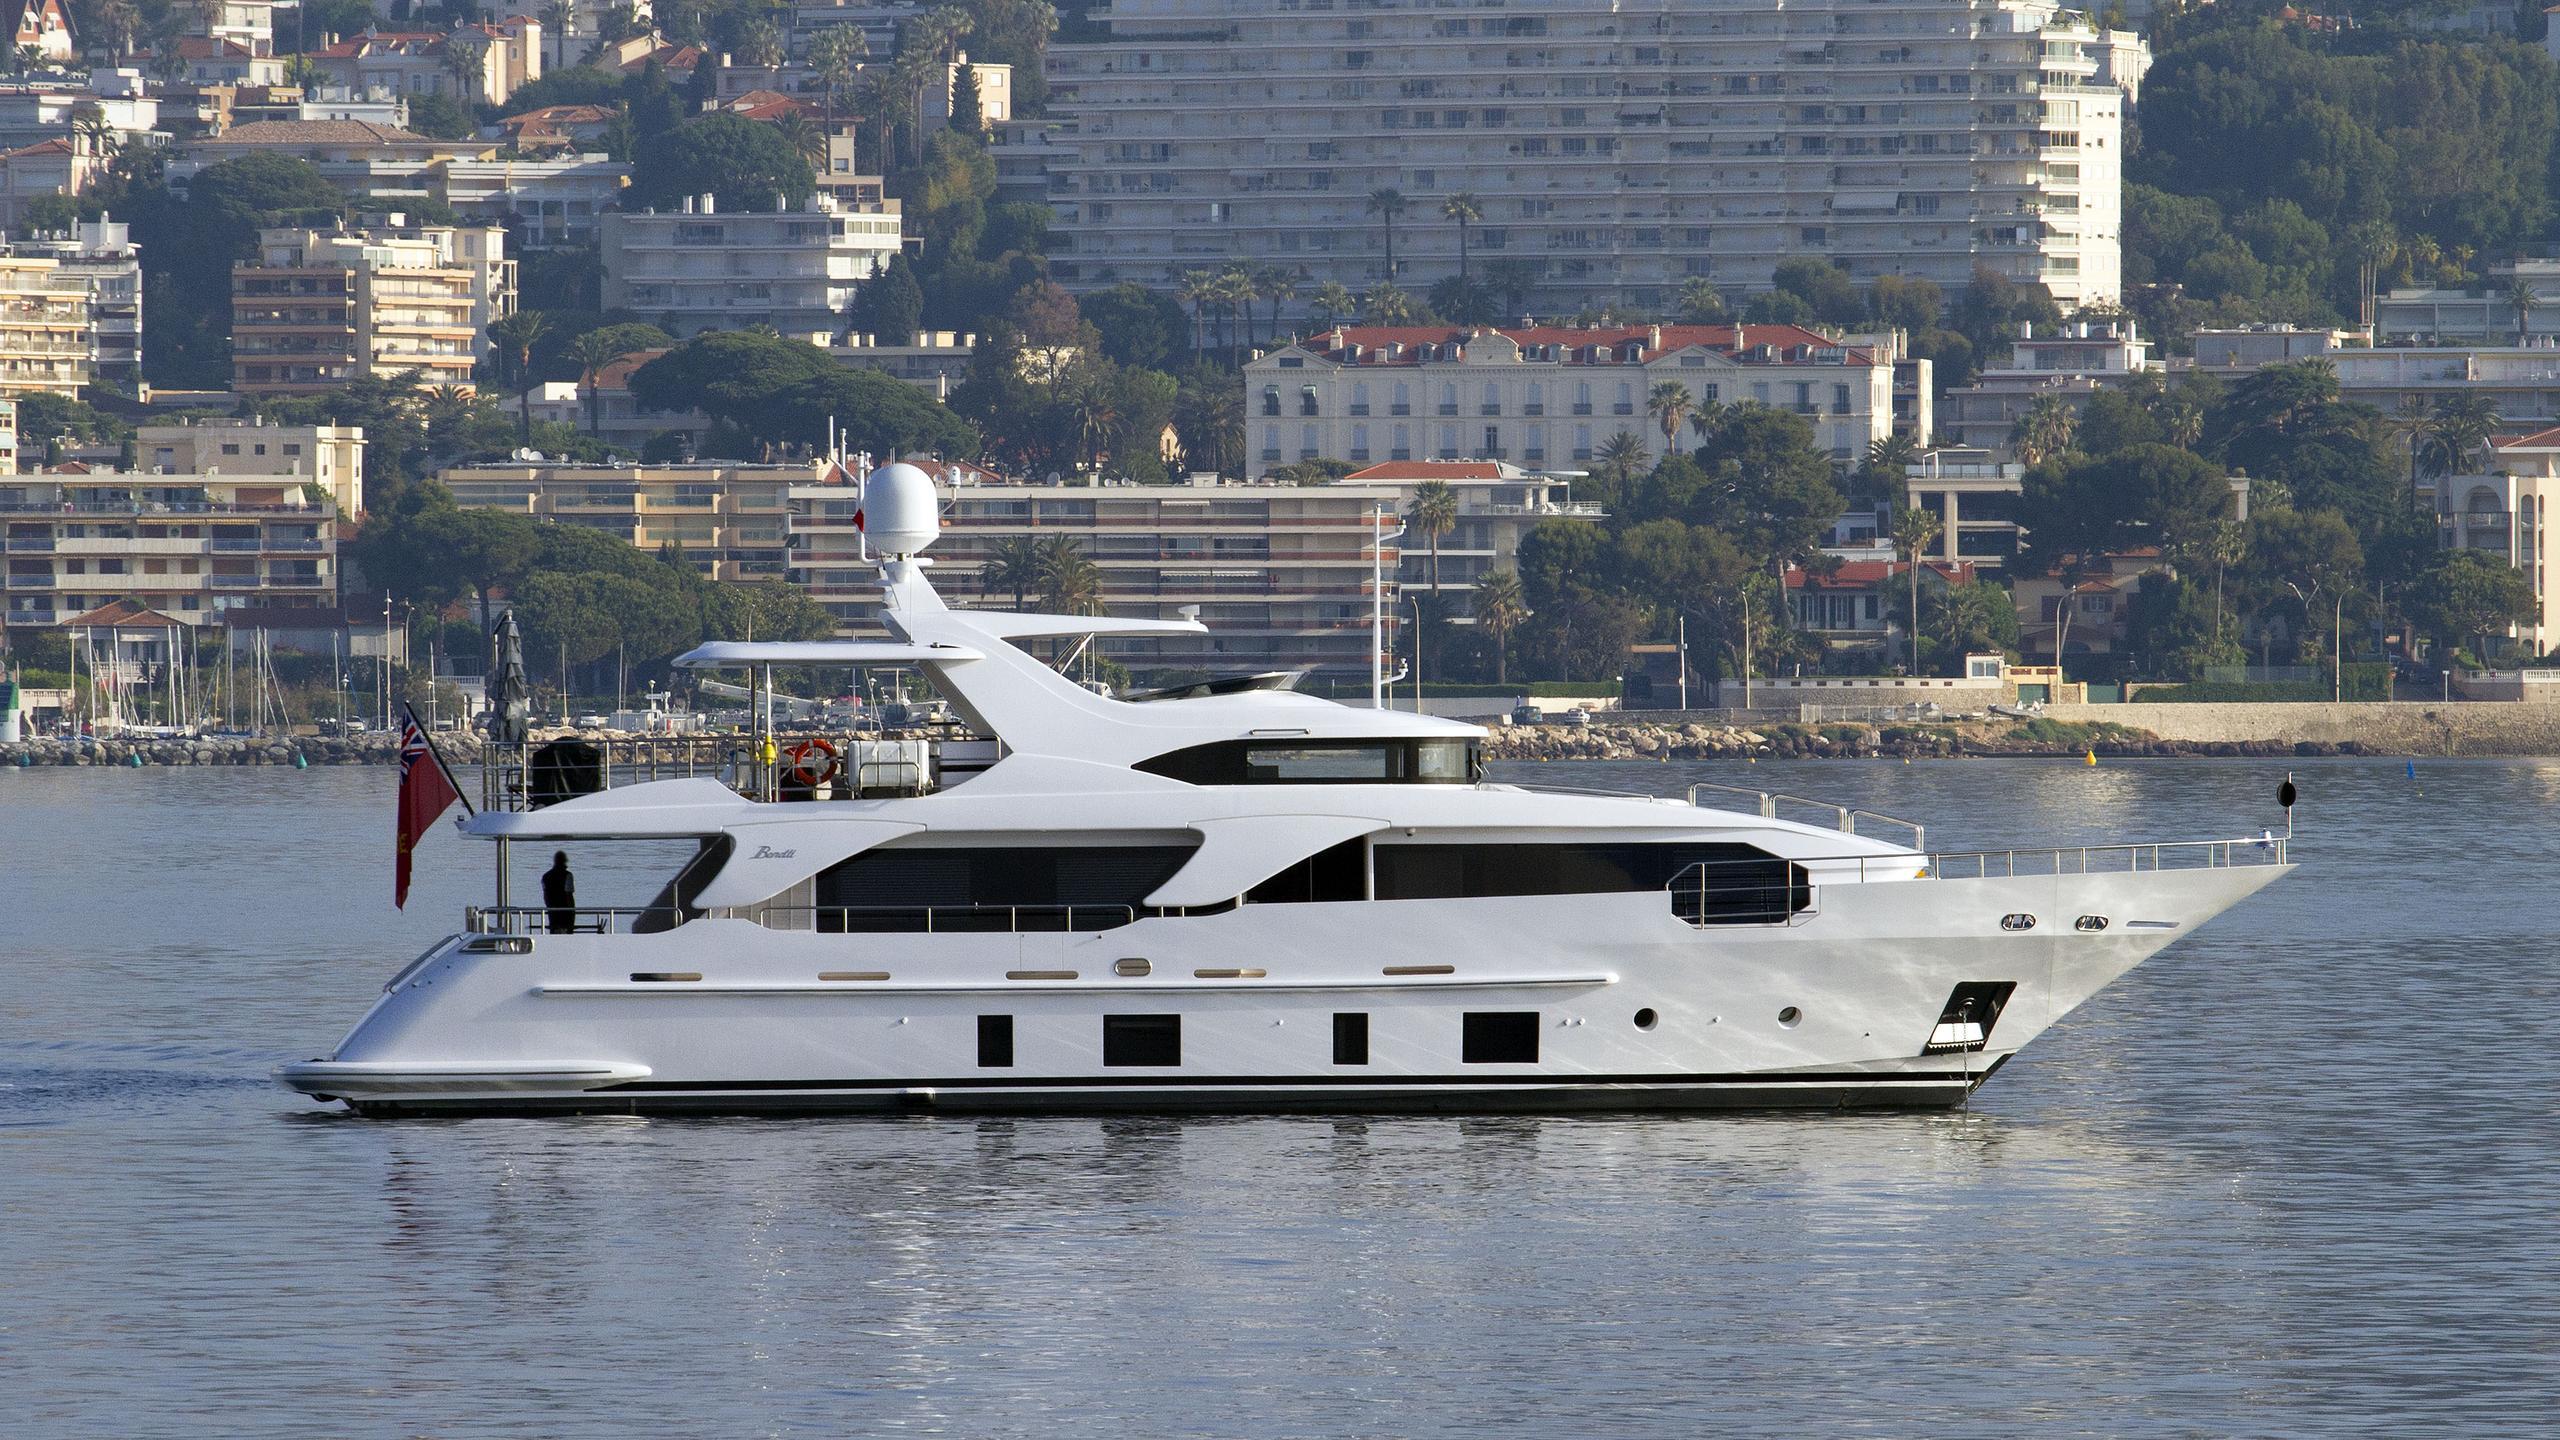 novastar-motor-yacht-benetti-2015-28m-profile